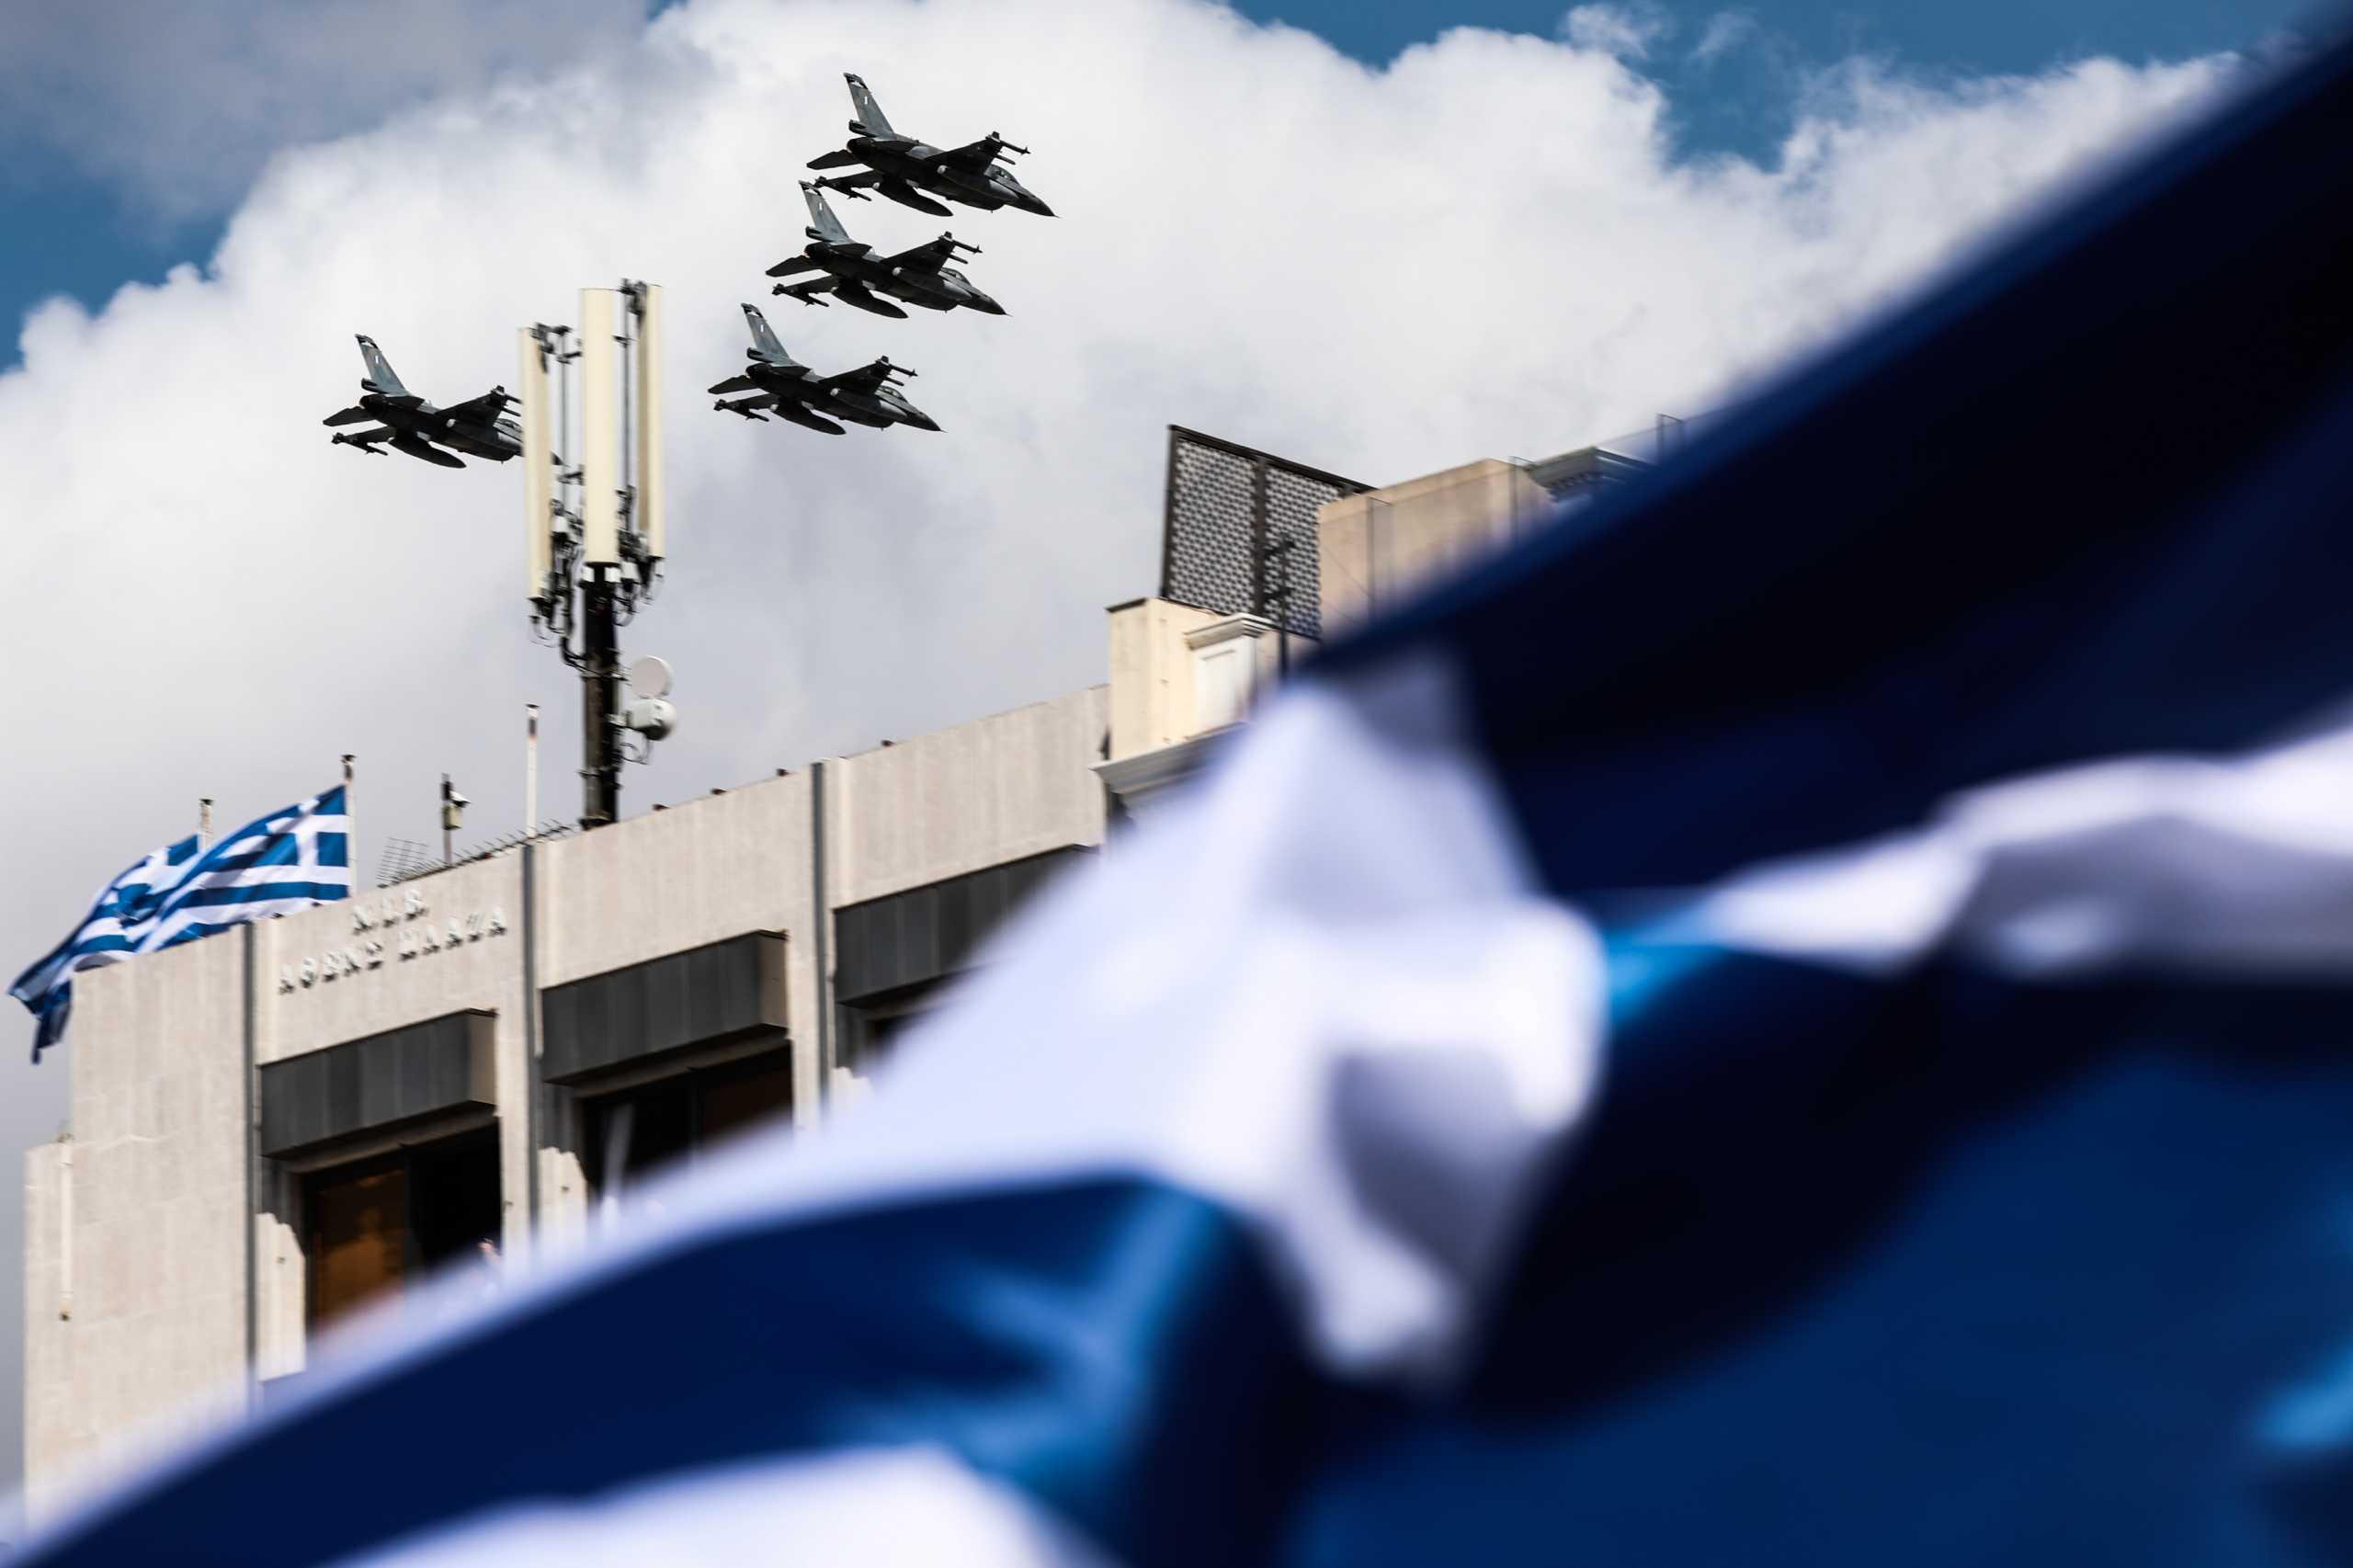 Στρατιωτική παρέλαση 28ης Οκτωβρίου: Η έκπληξη που θα κάνει αίσθηση